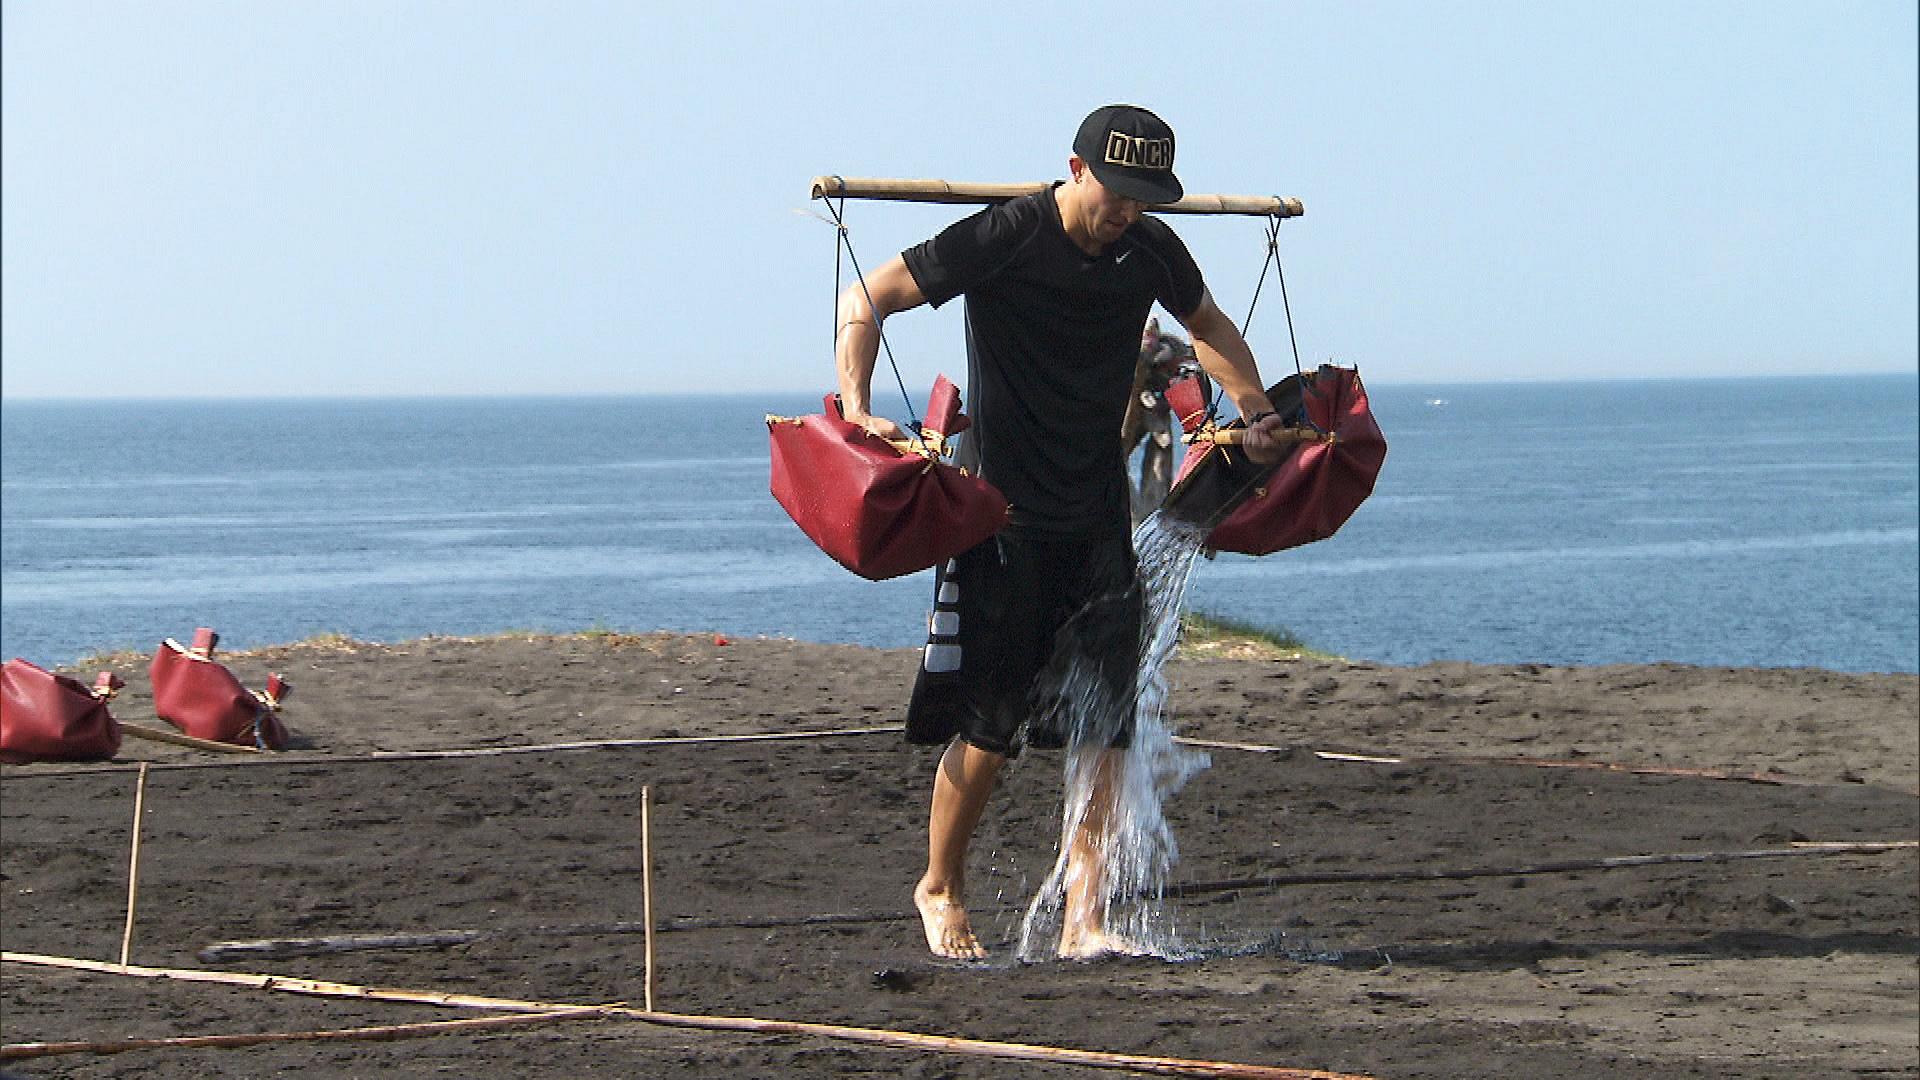 Matt helps a Balinese salt farmer by carrying water from the ocean.